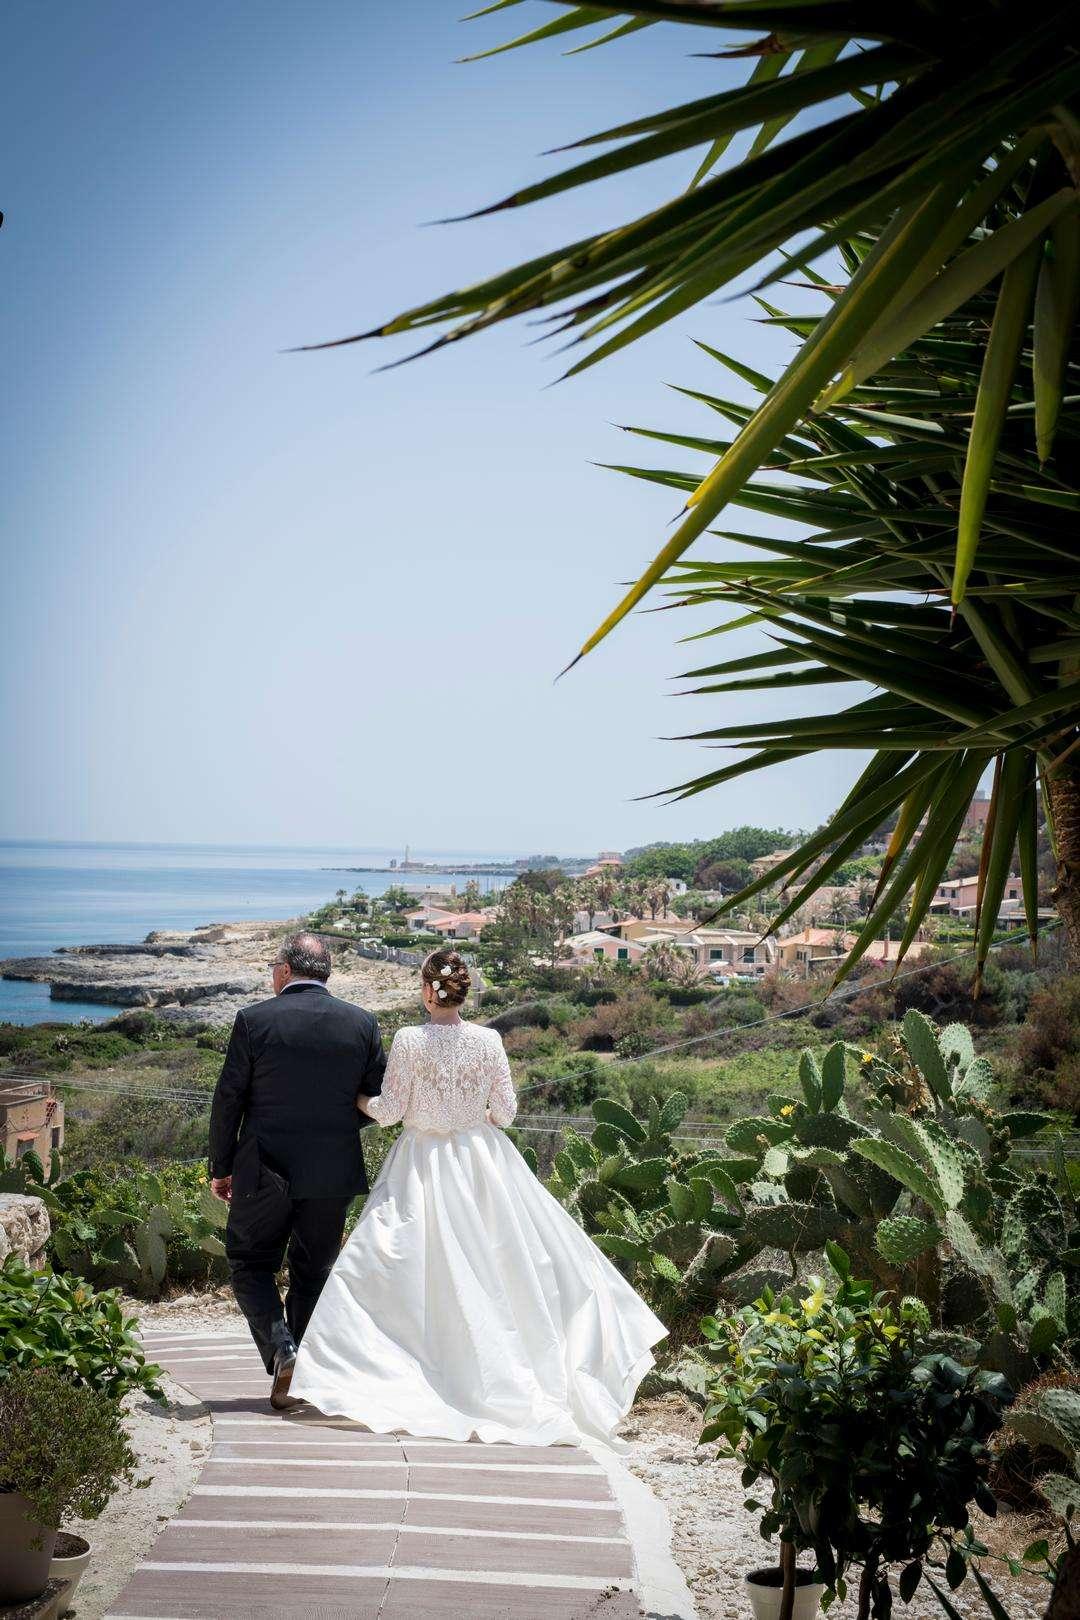 sposa và alla cerimonia